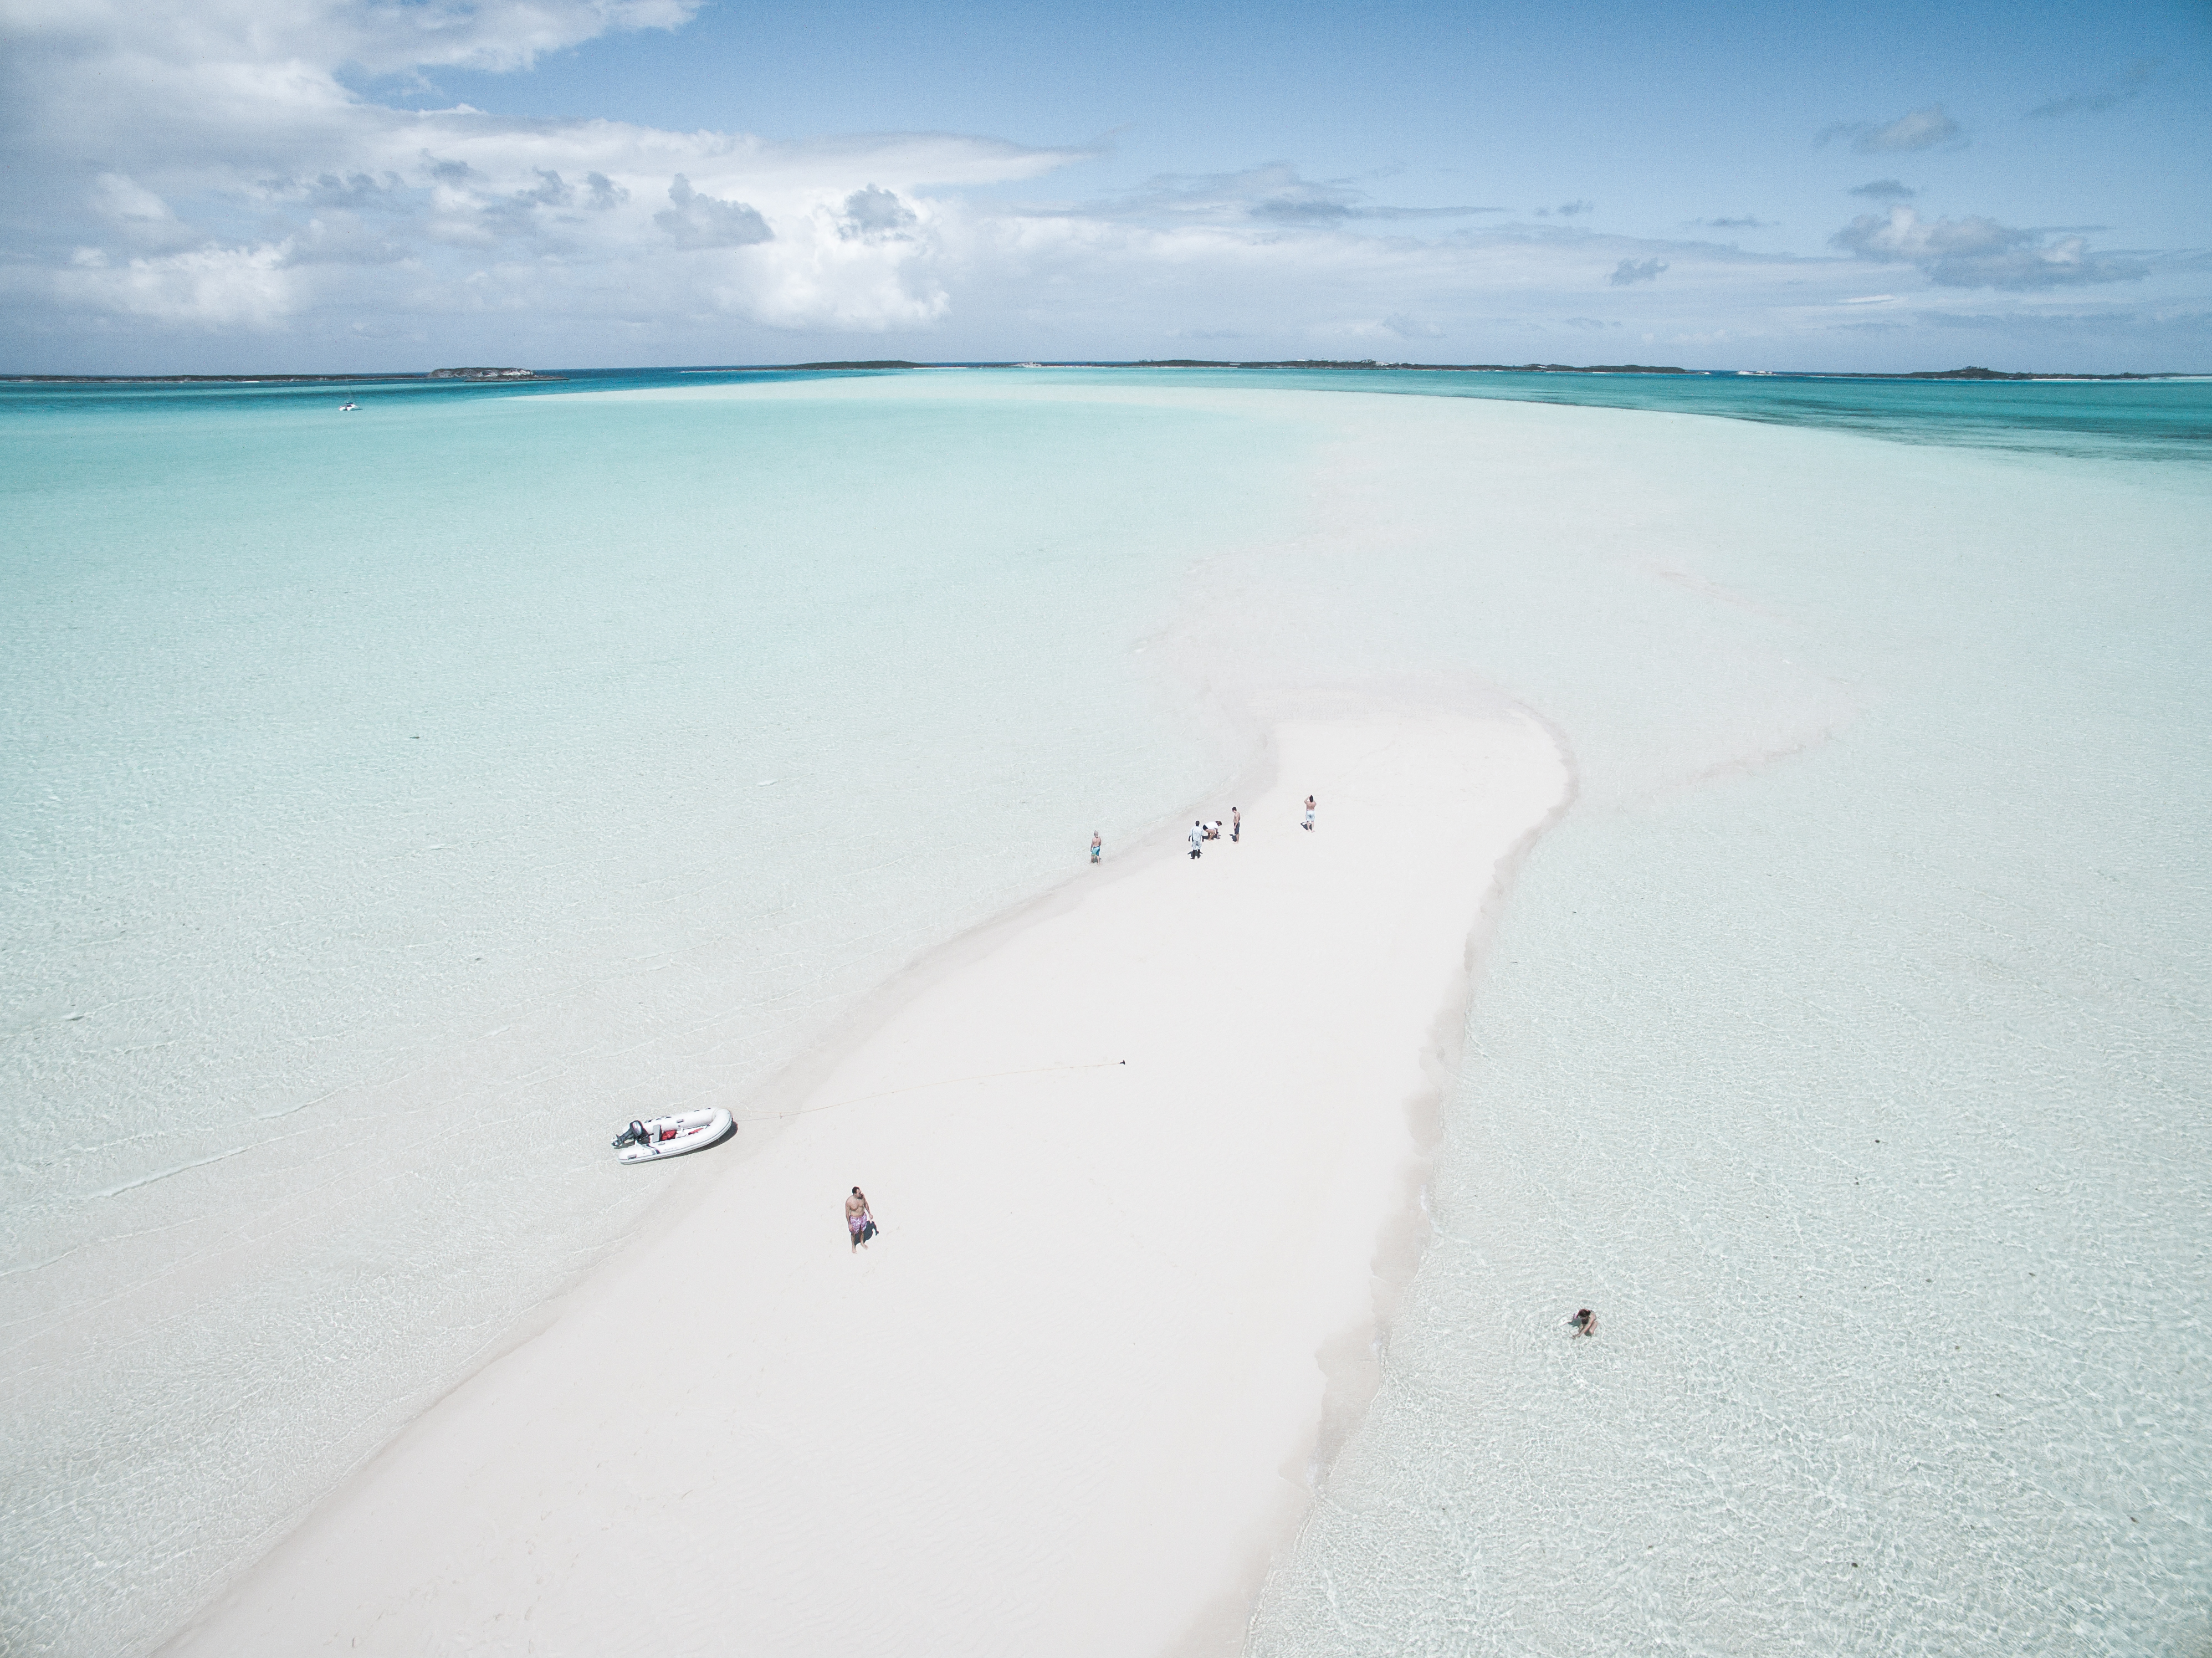 annalaurakummer-bahamas-travel-guide-reise-4